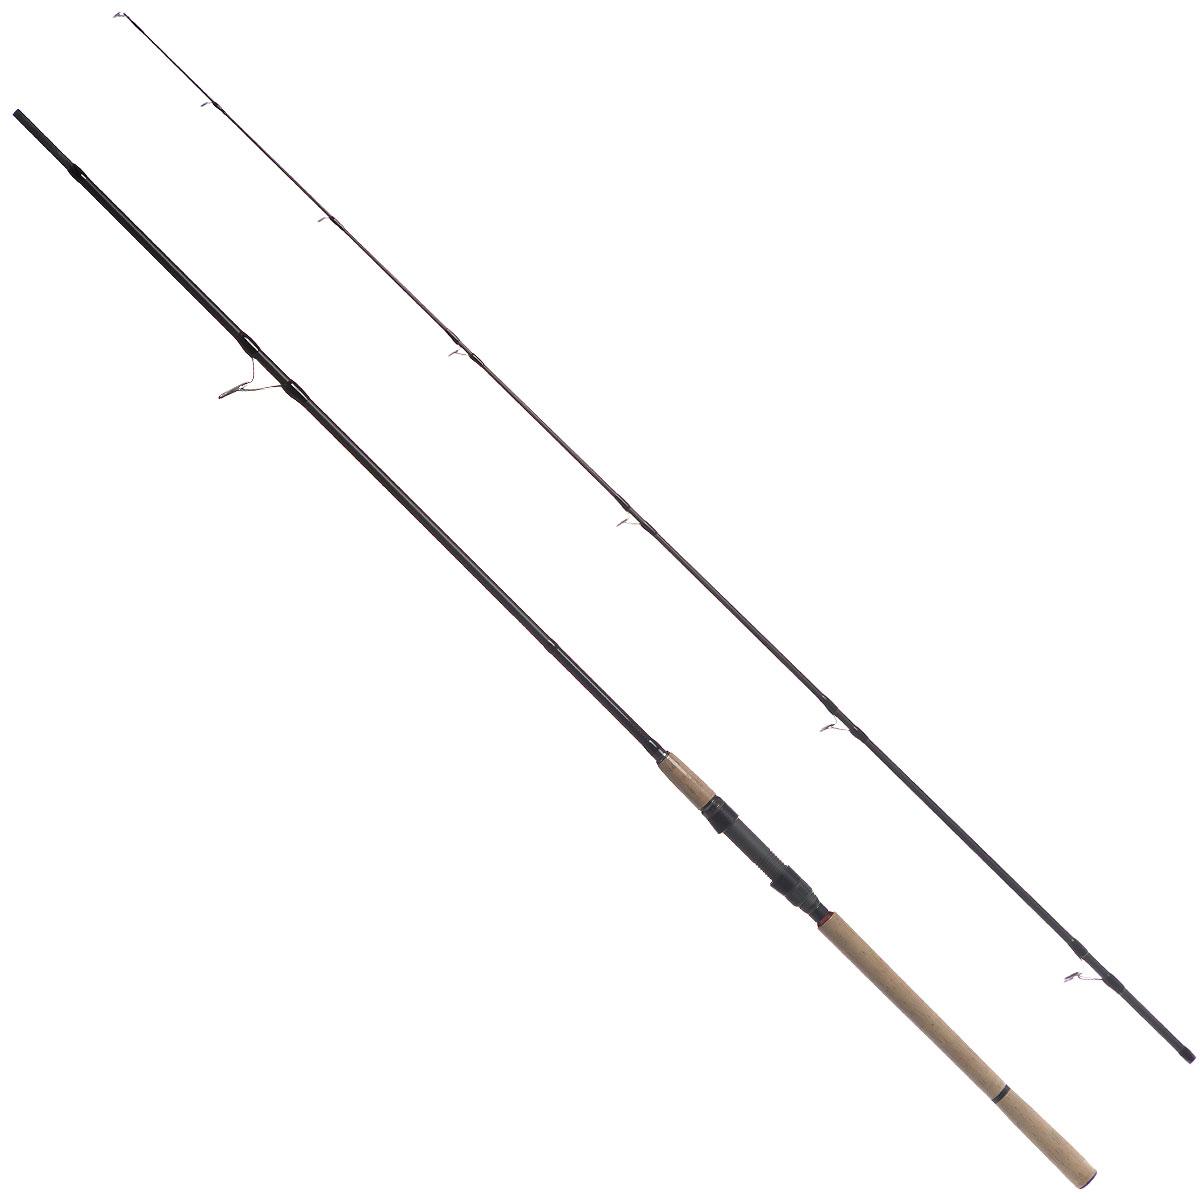 Спиннинг штекерный Daiwa Infinity-Q NEW Spinning, 2,70 м, 15-45 г41579Штекерный спиннинг Daiwa Infinity-Q NEW Spinning отличается новой длиной и тестом, обновленной конструкцией бланка. Несмотря на легкий вес, спиннинг достаточно мощный для схватки с рыбой вашей мечты. Стык колен V-Joint не изменяет естественную геометрию бланка, спиннинг ведет себя как одночастный. Спиннинг Daiwa Infinity-Q NEW Spinning значительно легче своих предшественников, а также отличается более быстрым строем. Тест: 15-45 г.